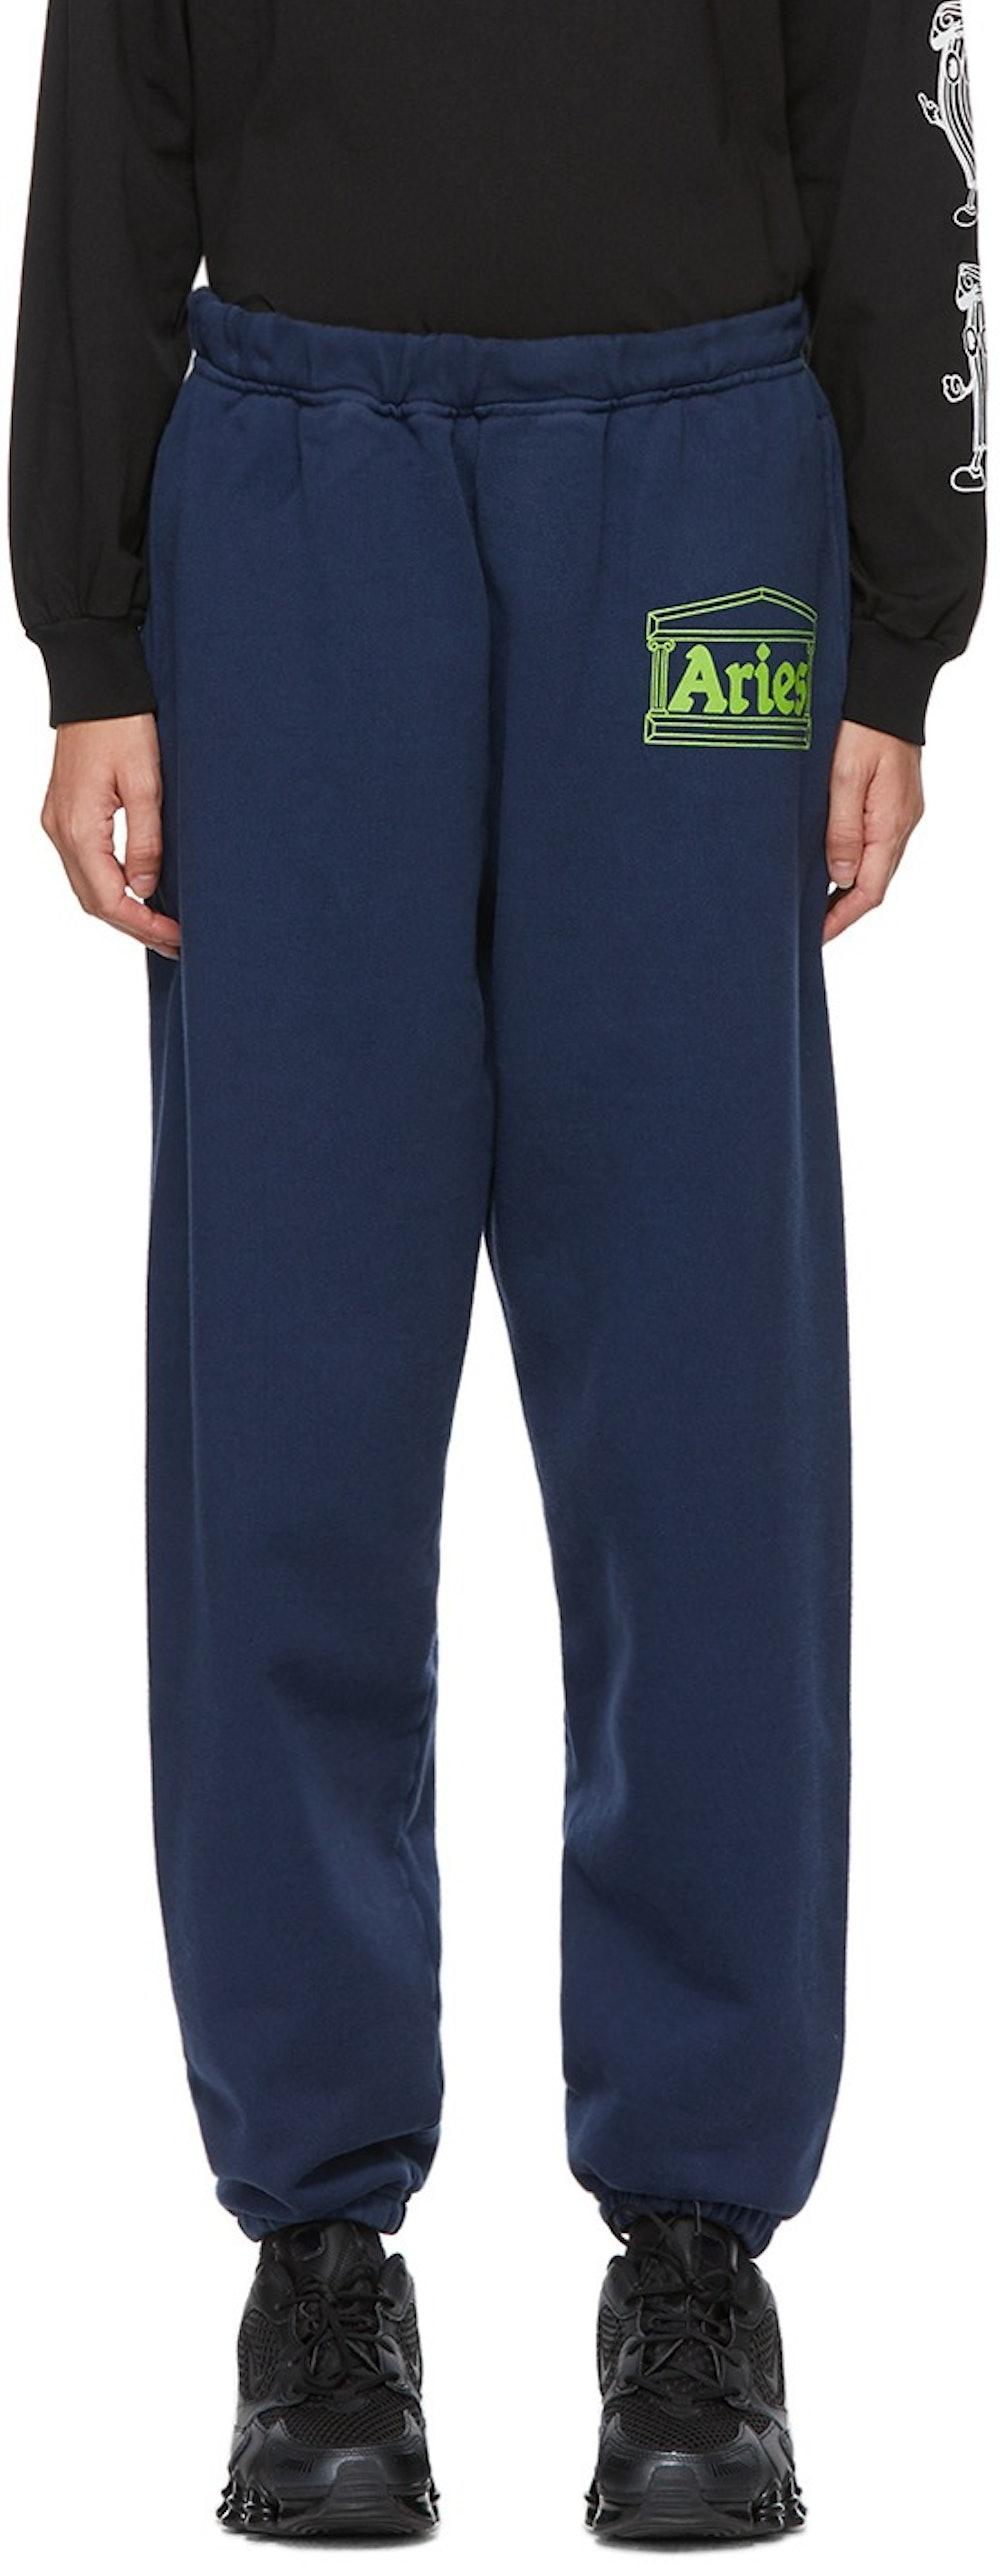 Navy Logo Premium Lounge Pants